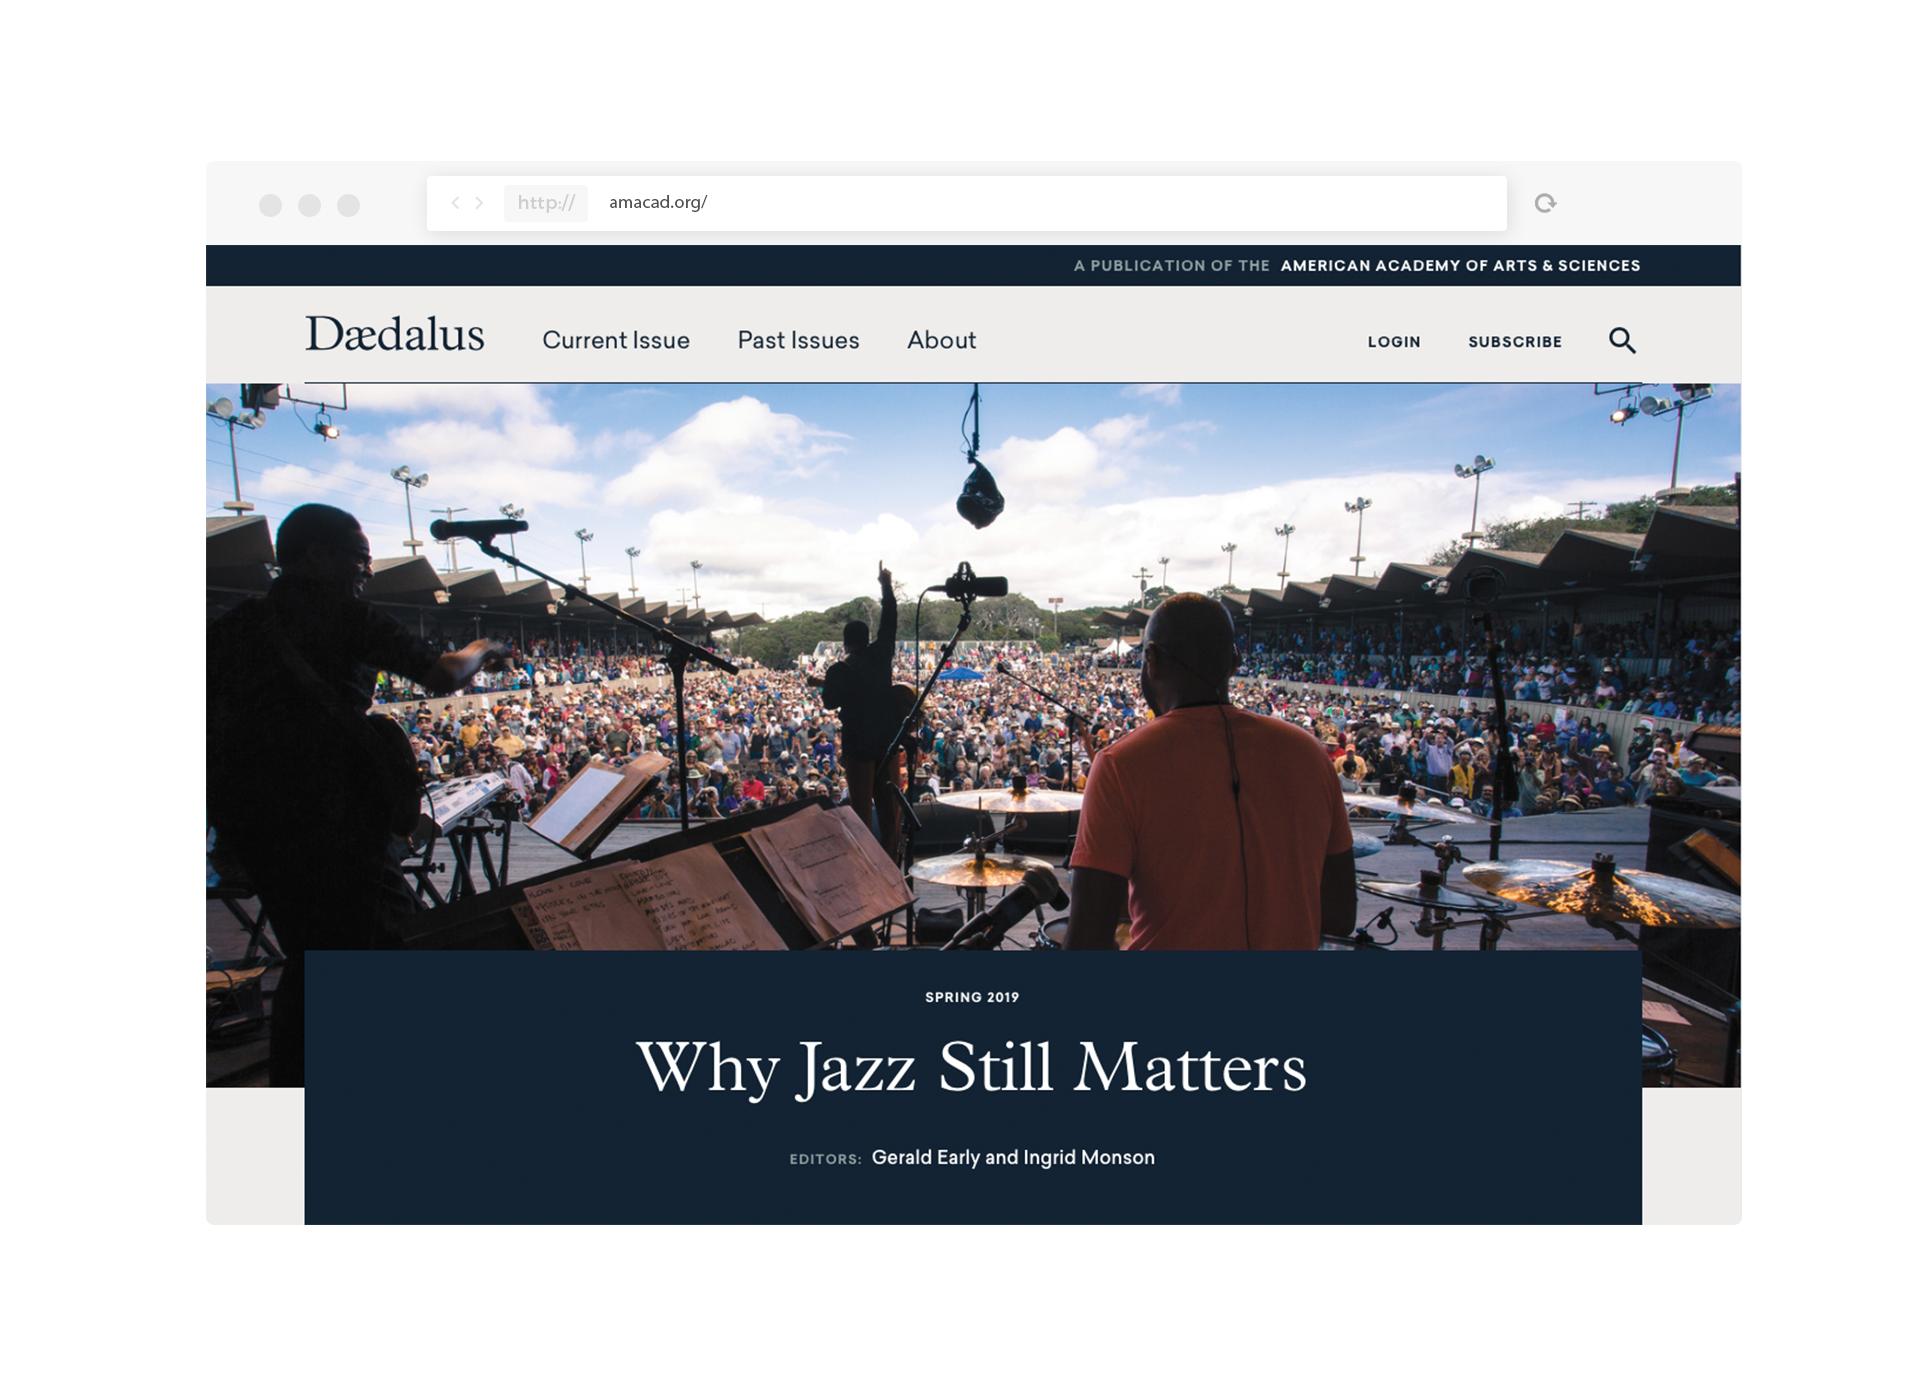 Daedalus_desktop_homepage.png